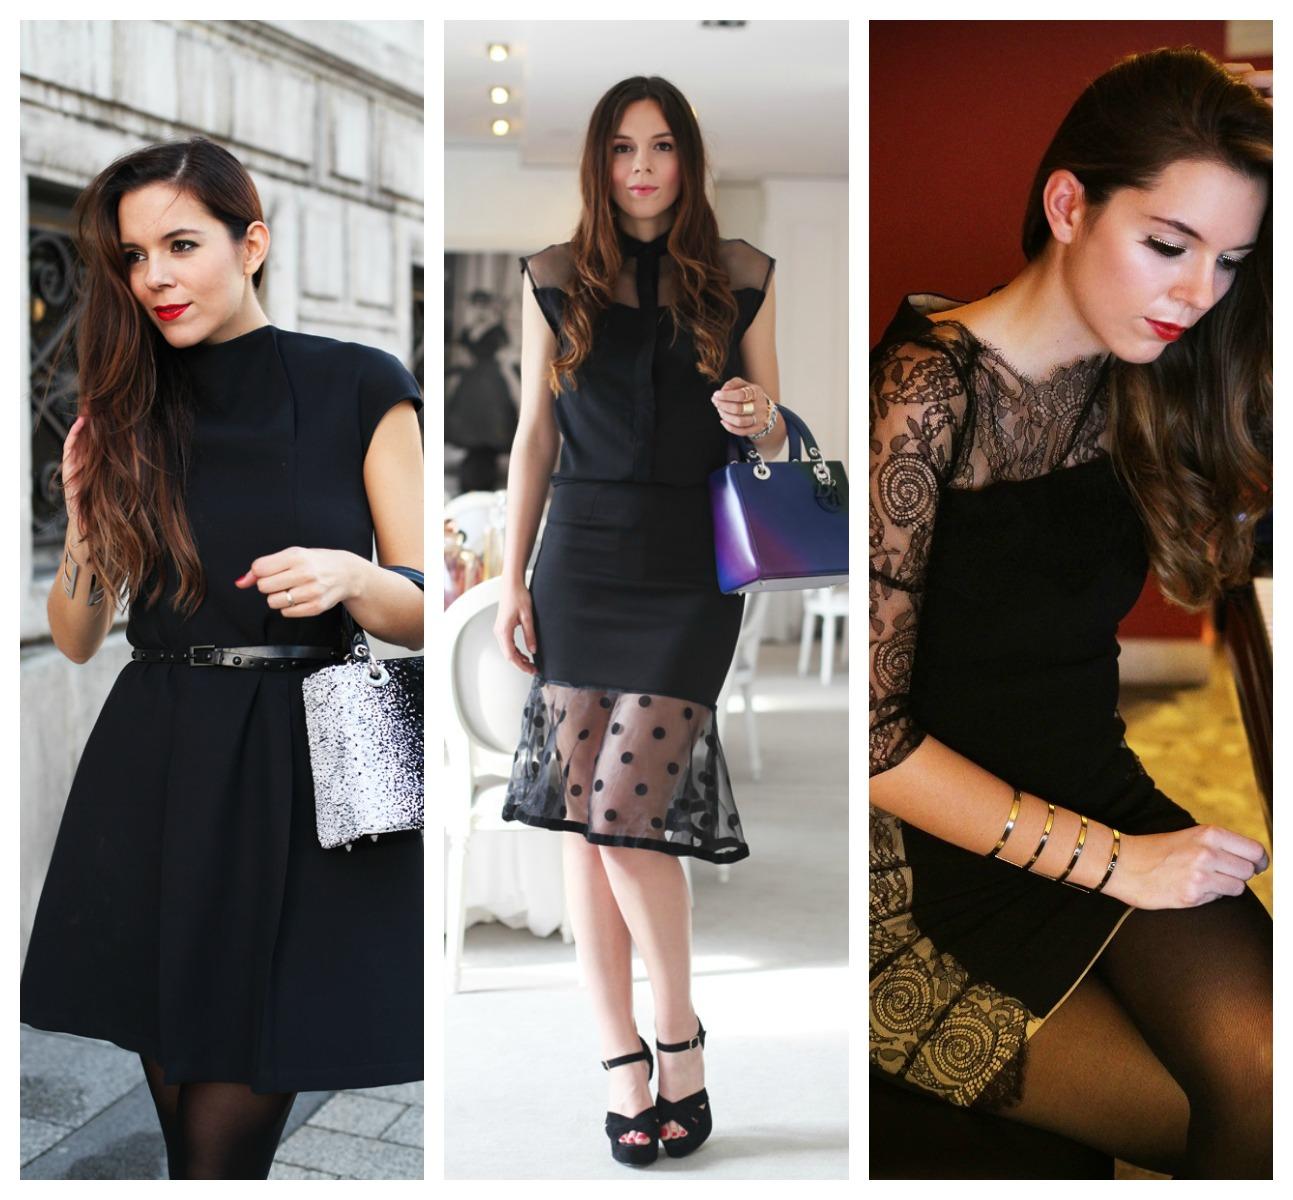 reputable site a065d 1a0a7 Vestito nero o little black dress: indossalo in modo diverso!